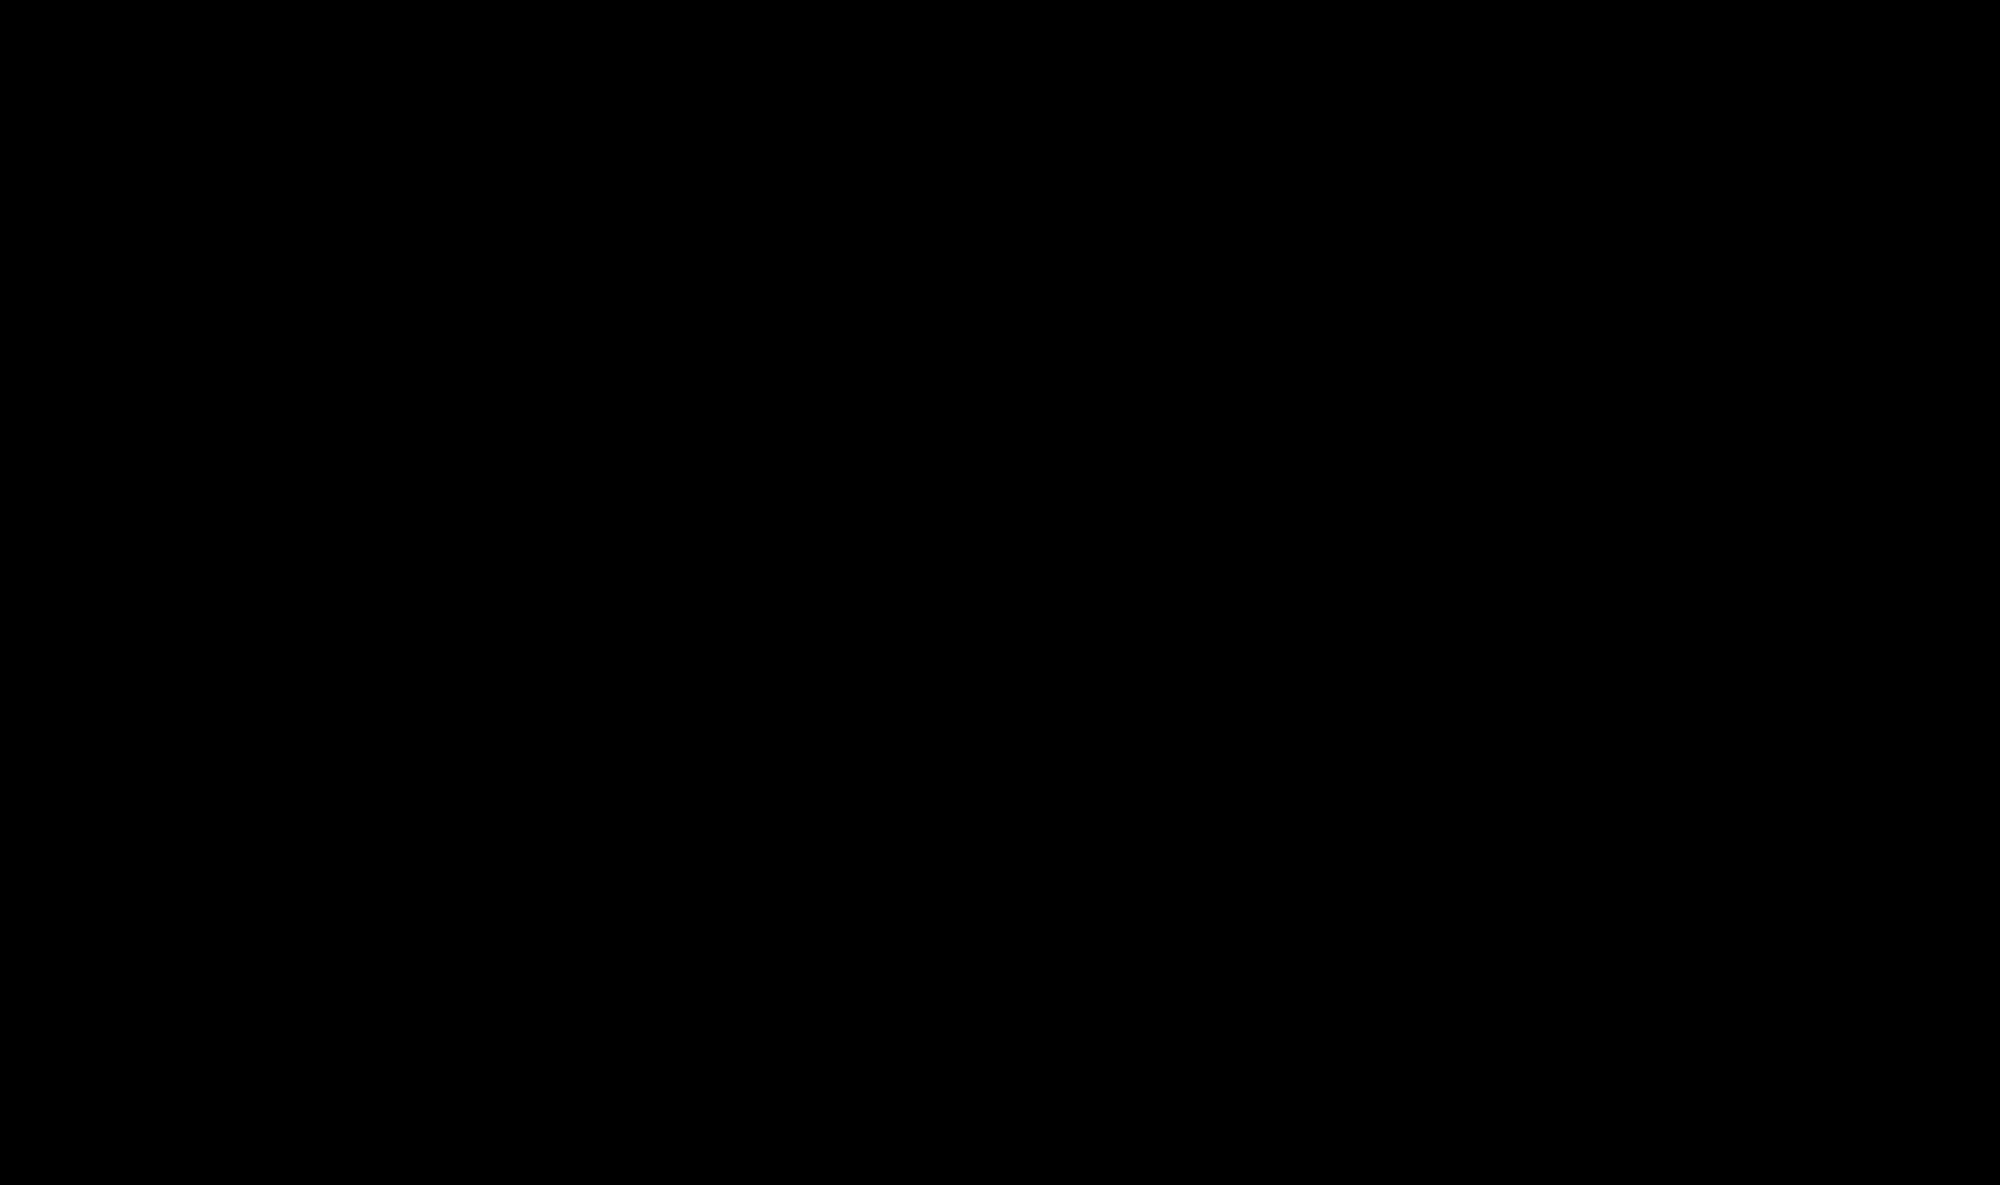 Dekton Spectra